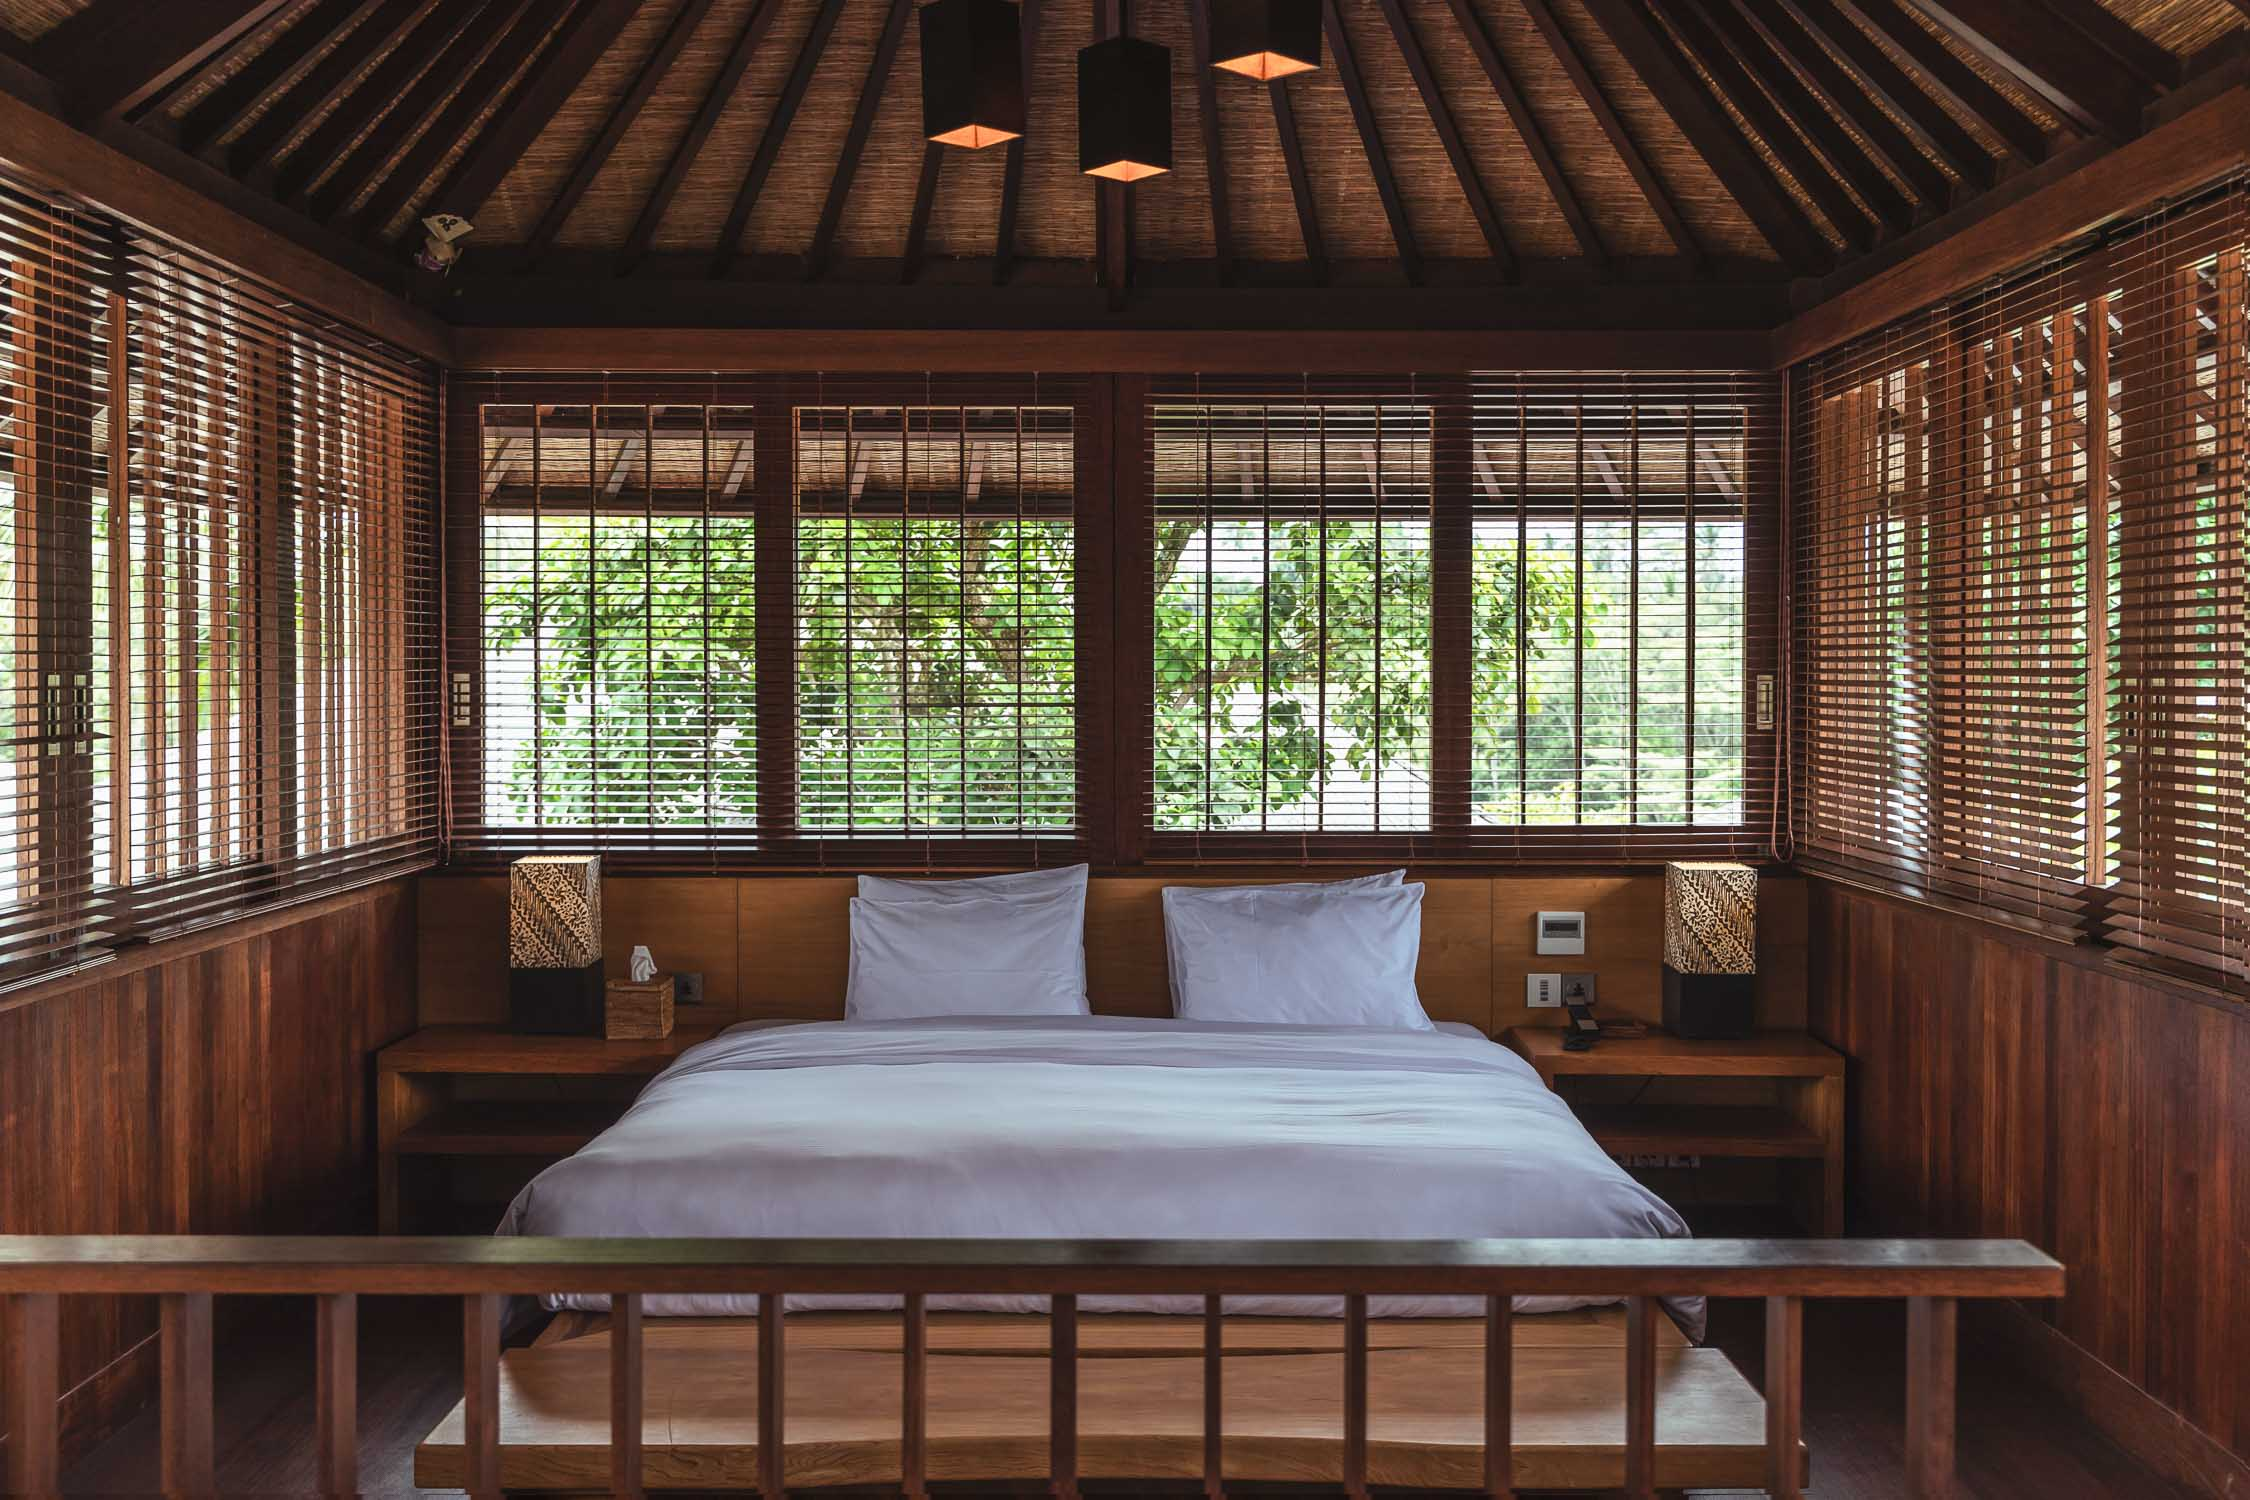 Hoshinoya Bali